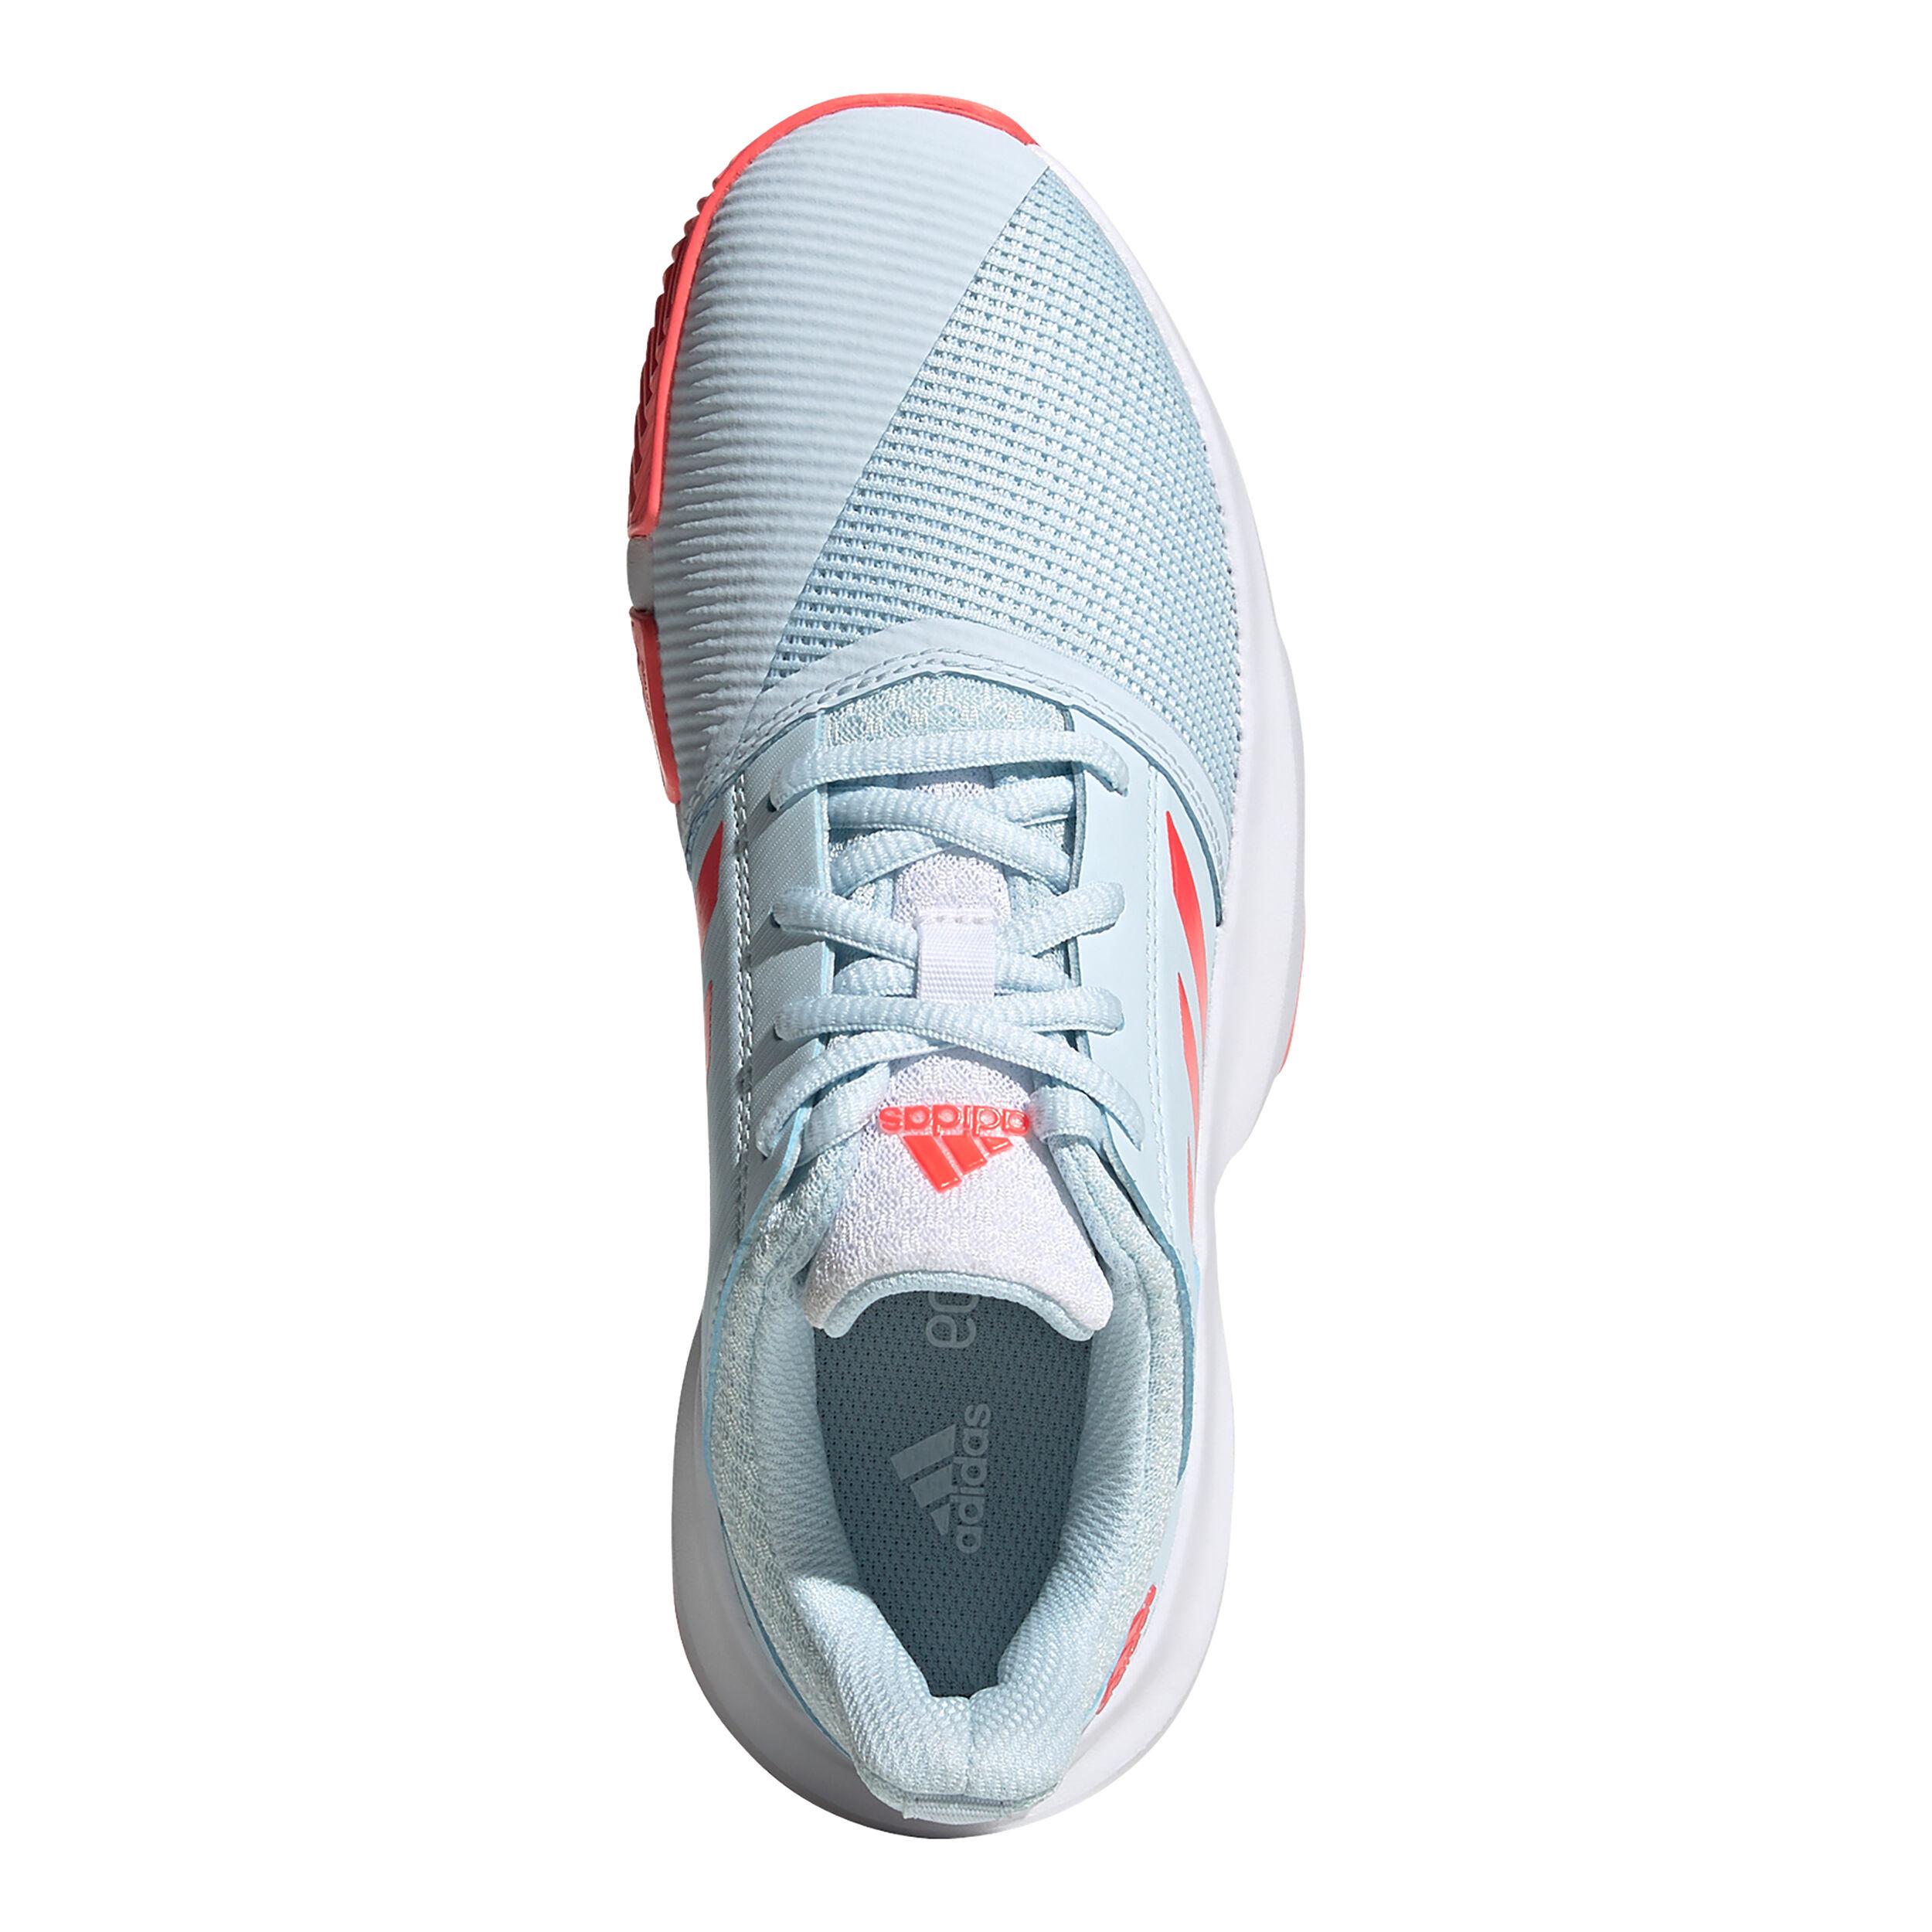 adidas Courtjam Xj Chaussures Toutes Surfaces Enfants Bleu